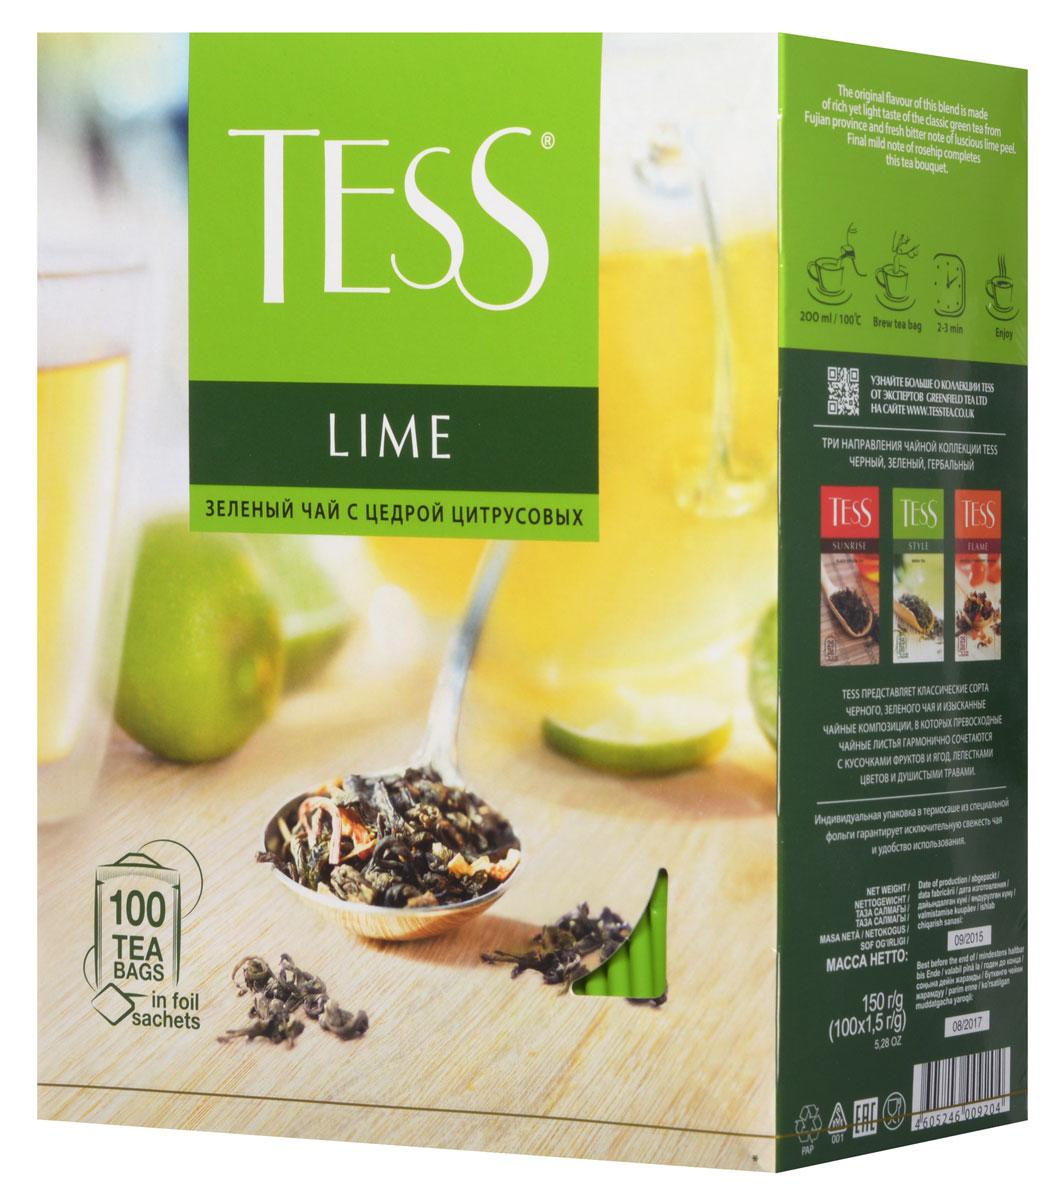 Tess Lime зеленый чай в пакетиках, 100 шт0920-09__новая упаковкаTess Lime - зеленый ароматизированный чай в пакетиках. Своей индивидуальностью этот сорт обязан гармоничному сочетанию насыщенного, но легкого вкуса классического зеленого чая из провинции Фудзяньи свежей горчинки цедры сочного лайма Заключительный штрих - мягкий оттенок шиповника - придает завершенность чайному букету.Всё о чае: сорта, факты, советы по выбору и употреблению. Статья OZON Гид